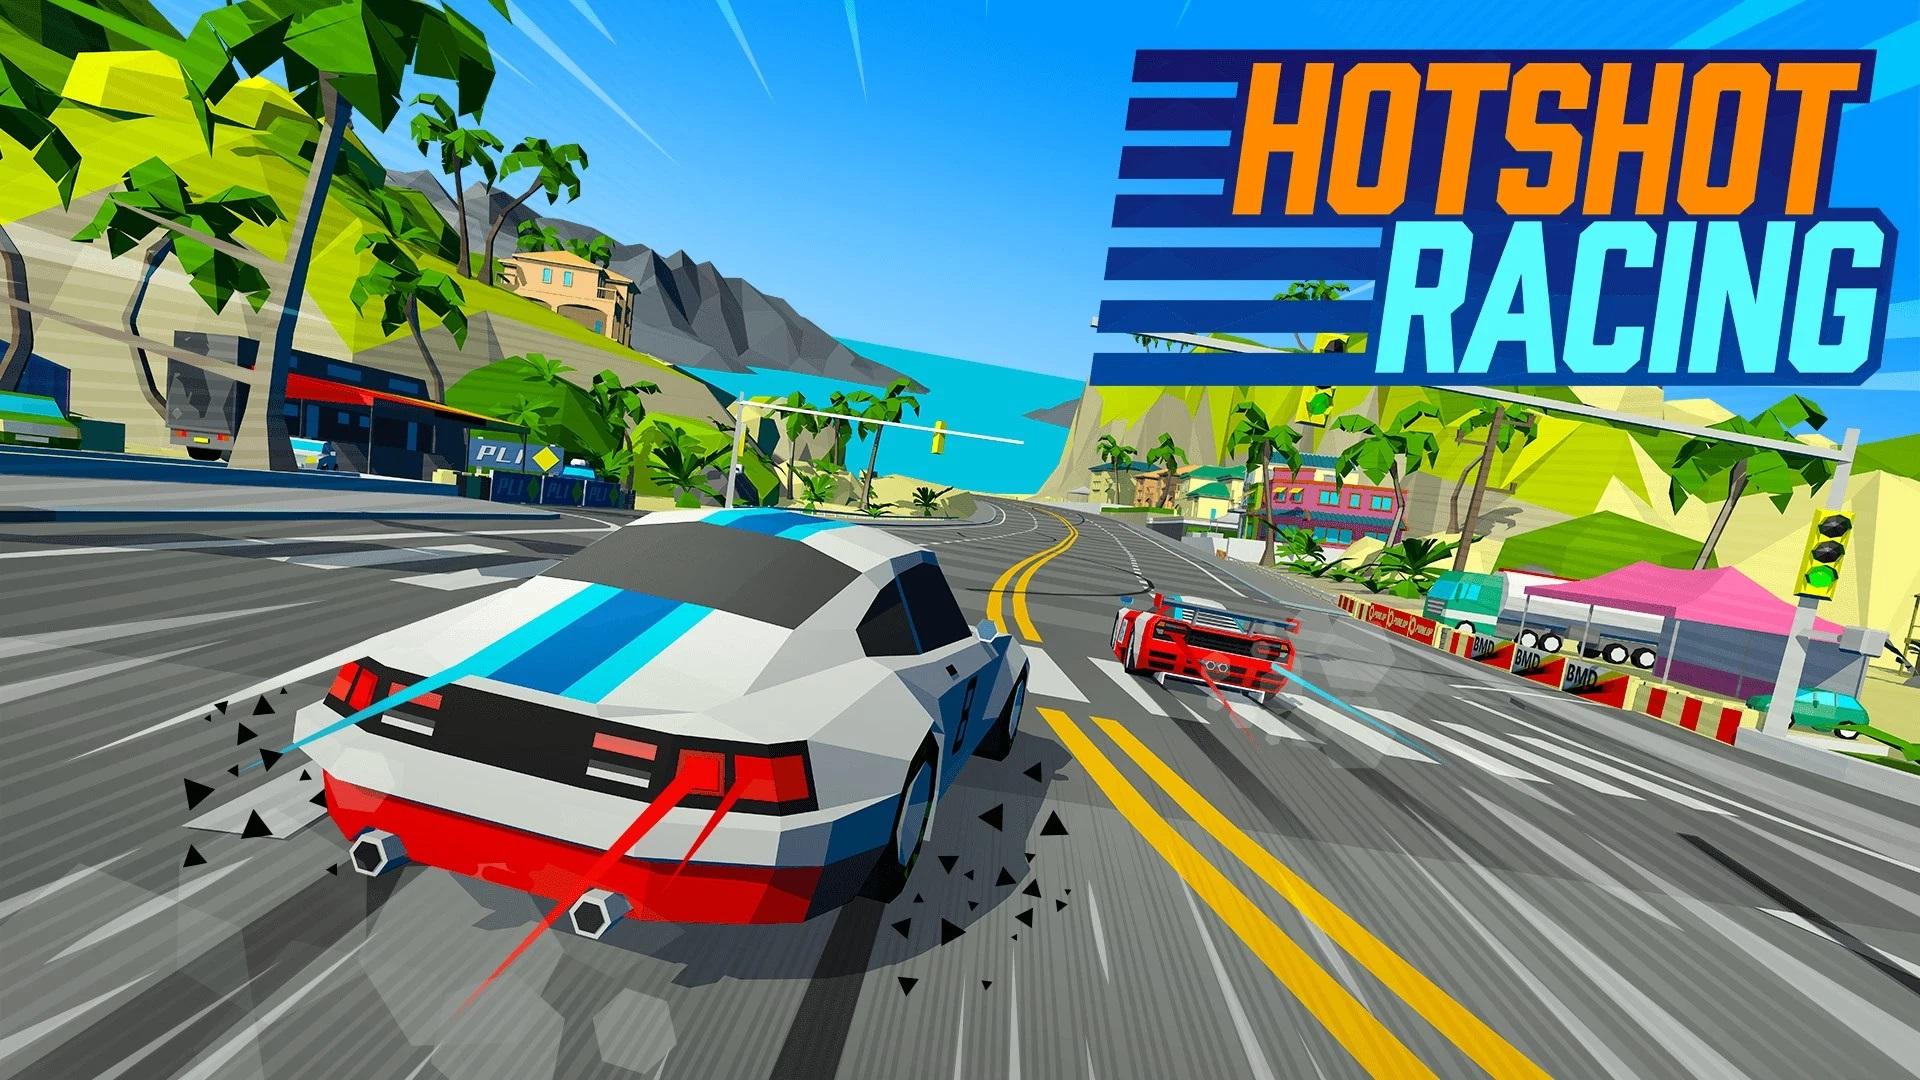 Hotshot Racing Free Download